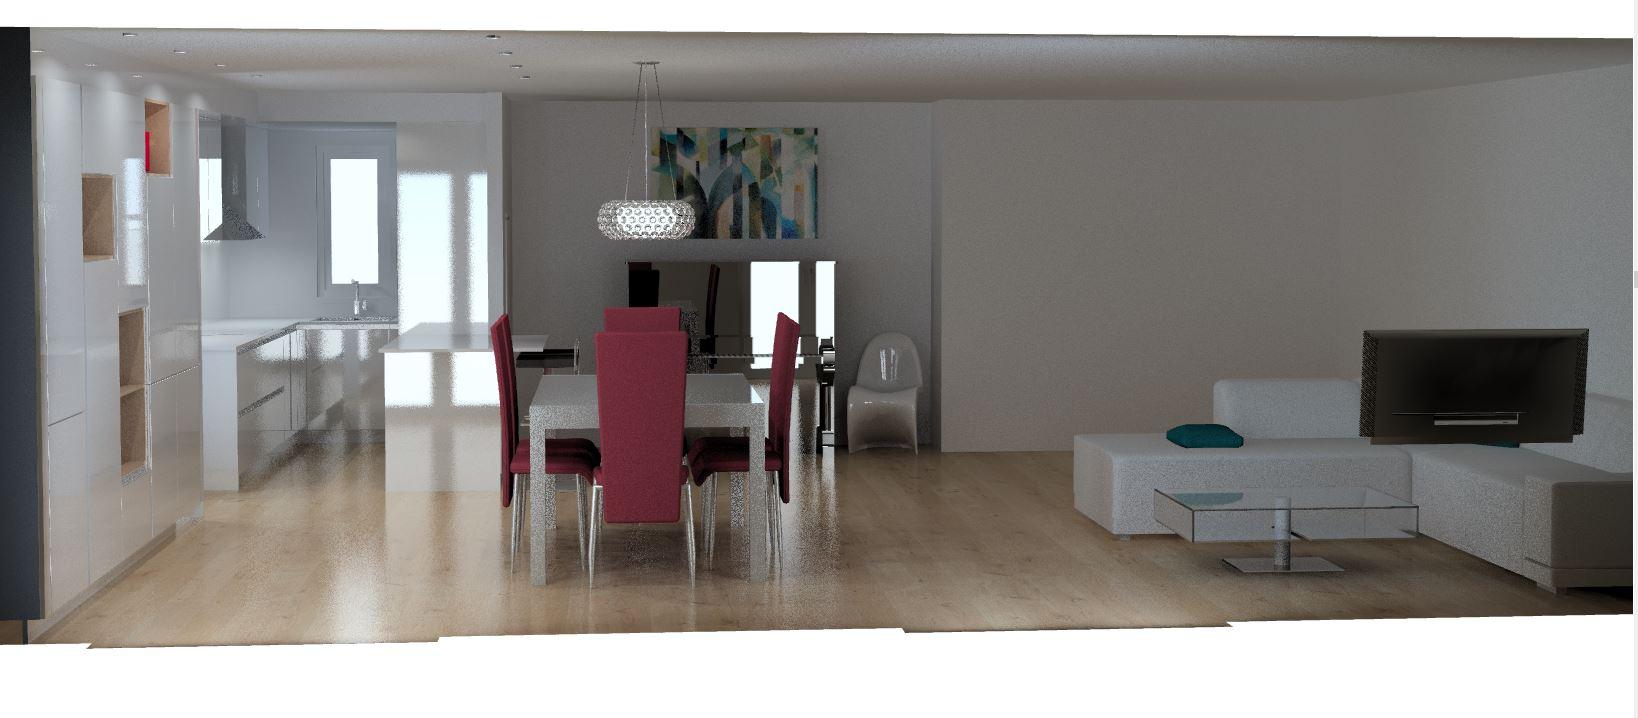 photoréalisme du projet par cuisine design Toulouse